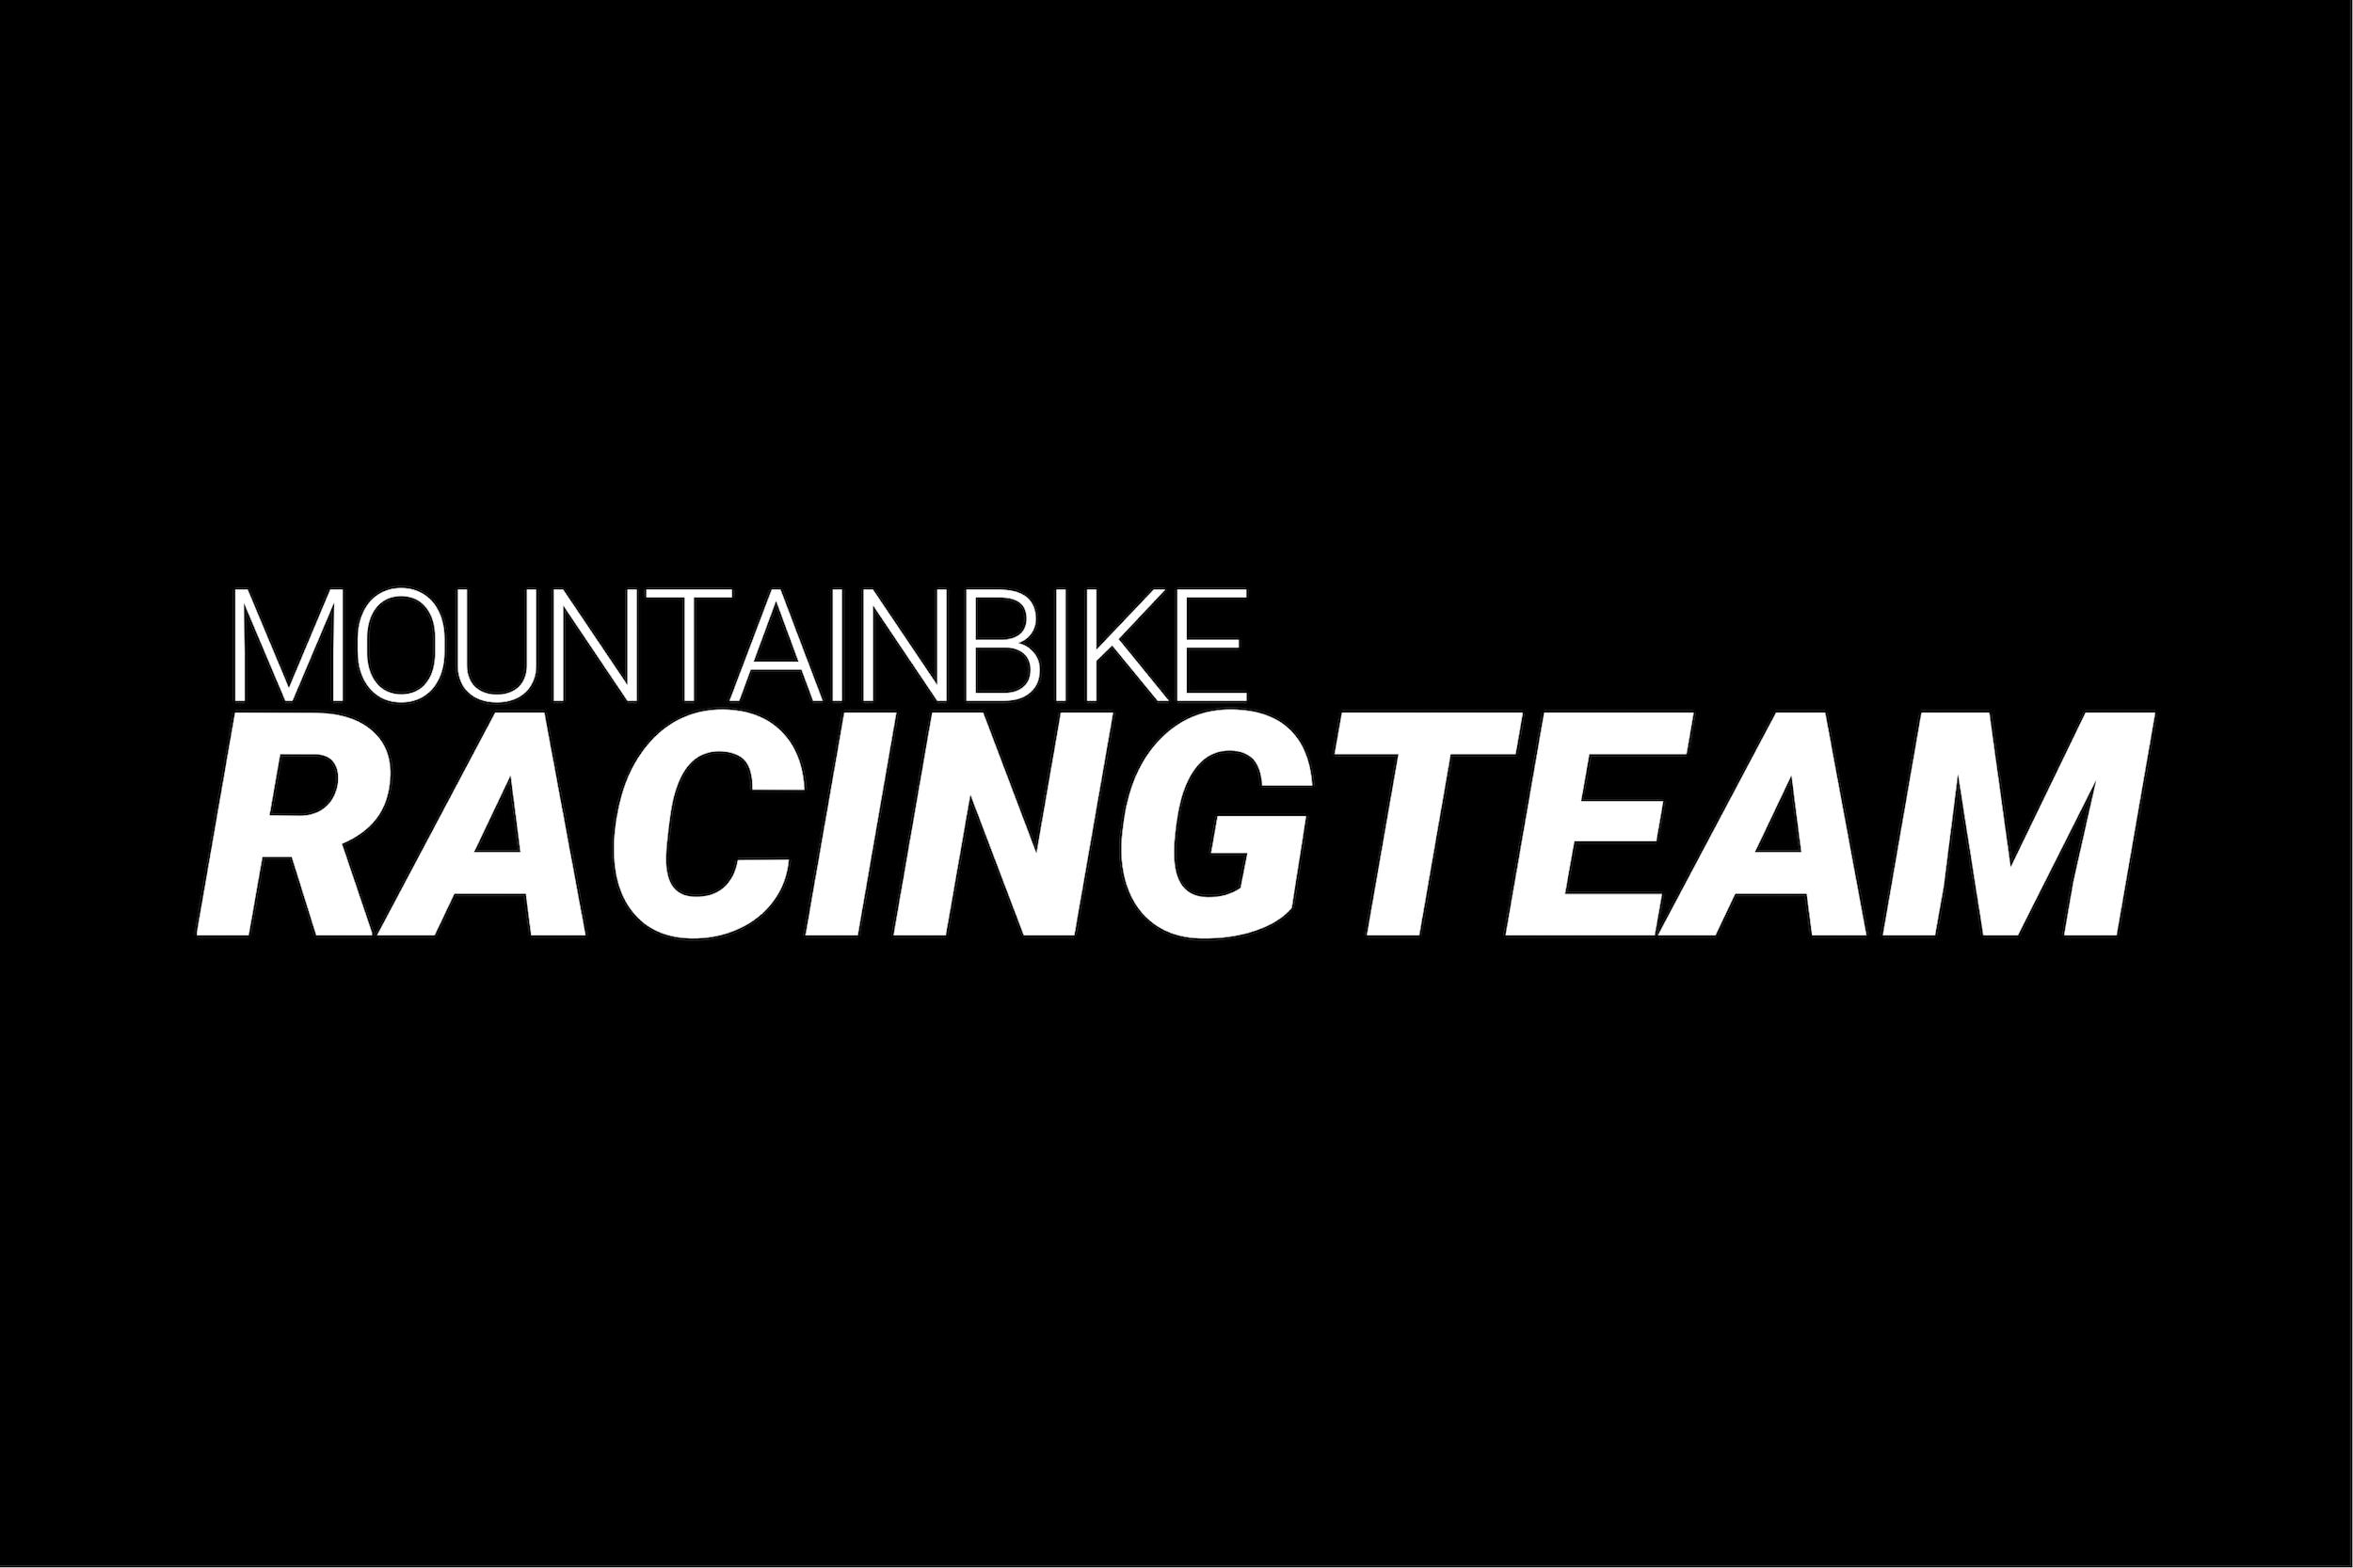 de.mtb-racingteam.com